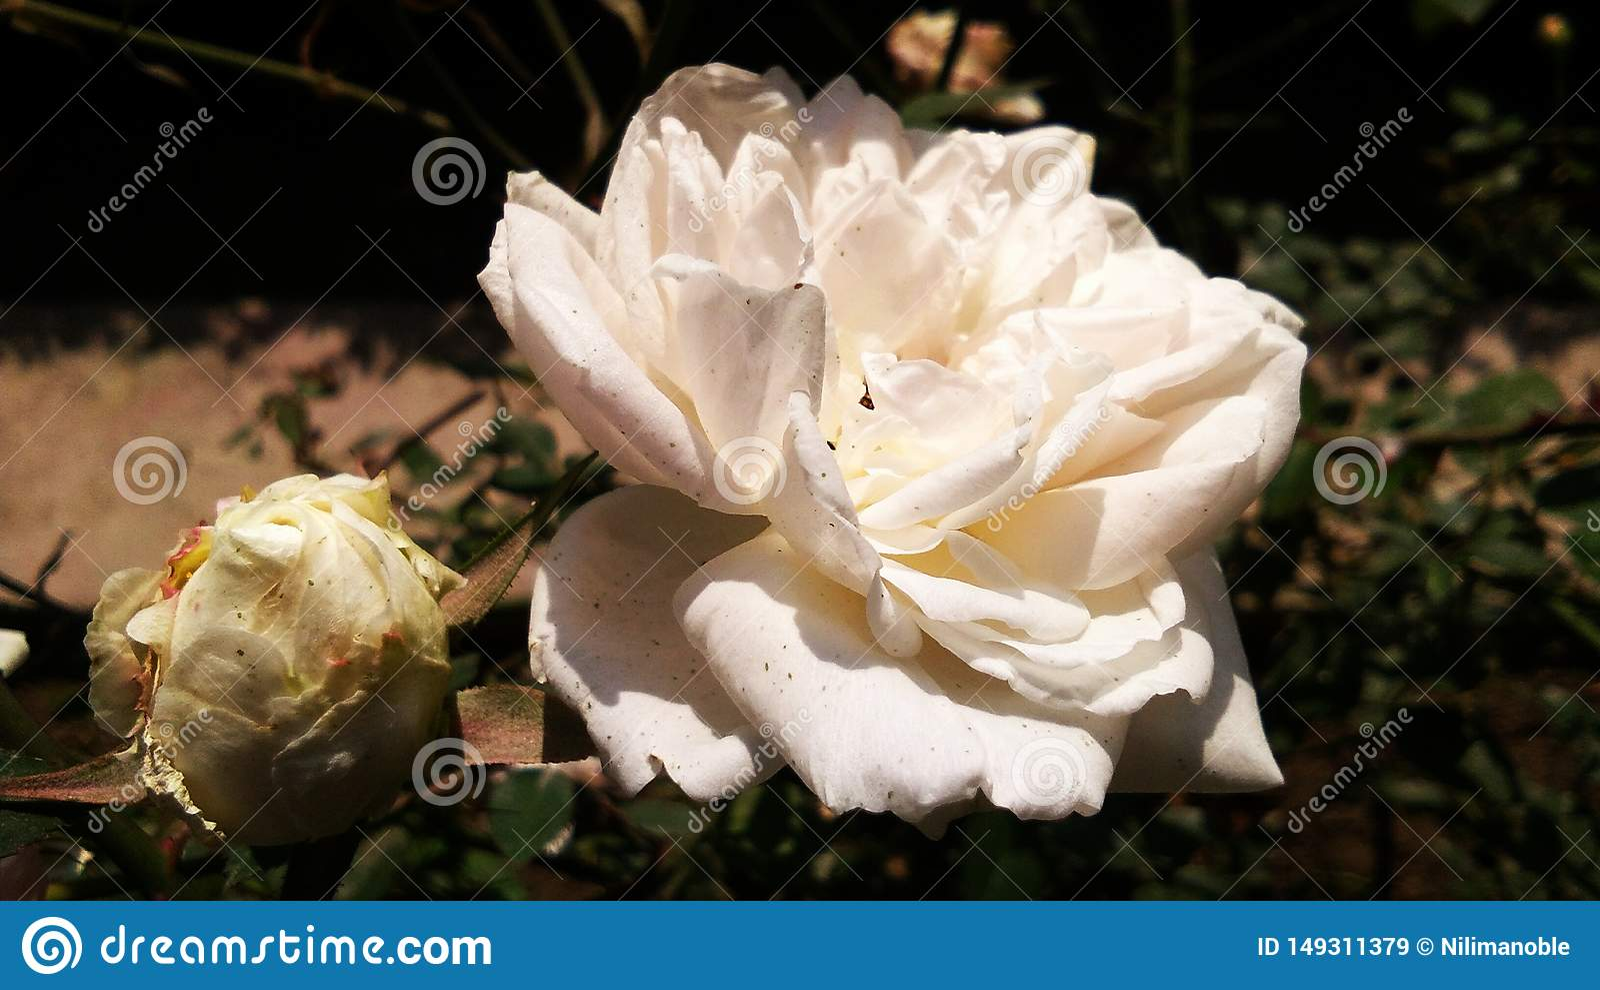 Sch?ne wei?e Farbe stieg sch?ner Hintergrund des romantischen Blumenblattes der Blume